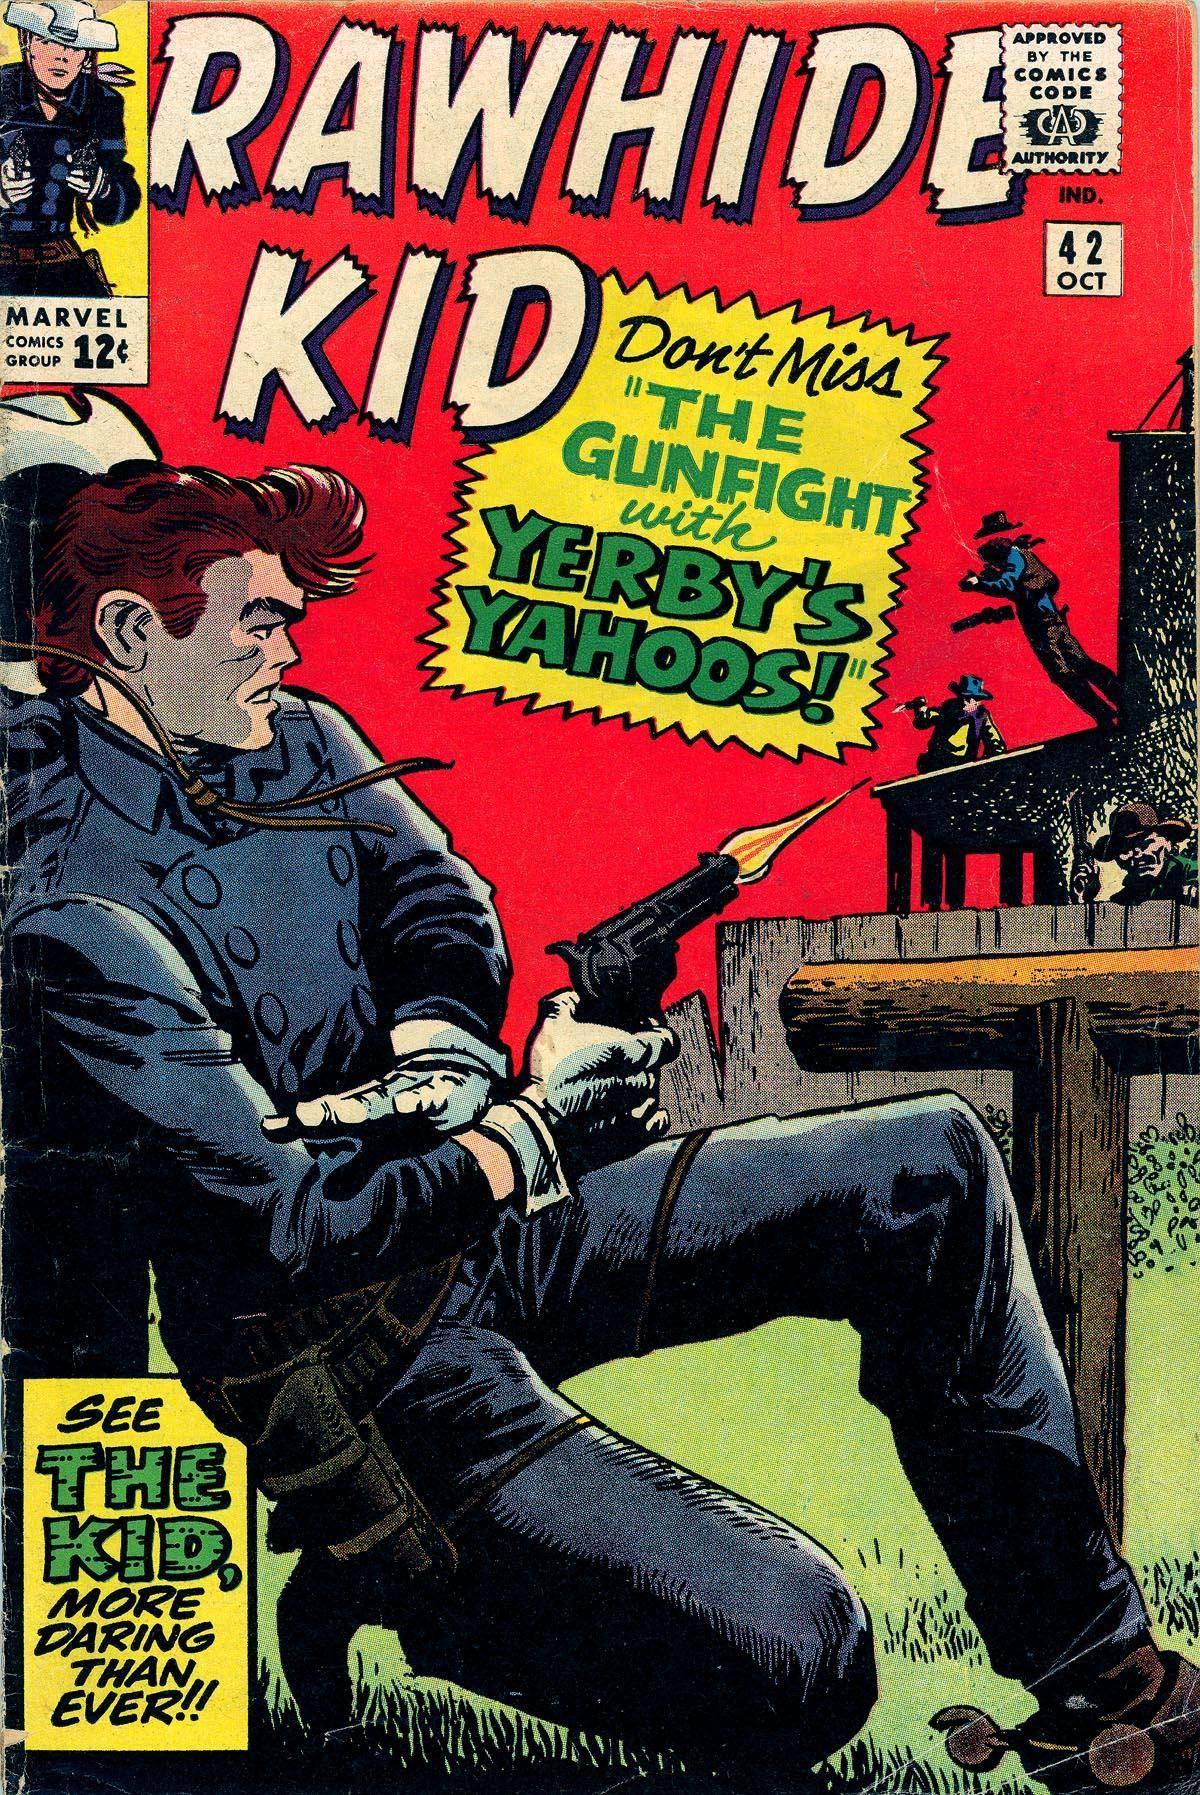 Rawhide Kid v1 042 1964 Punkrat